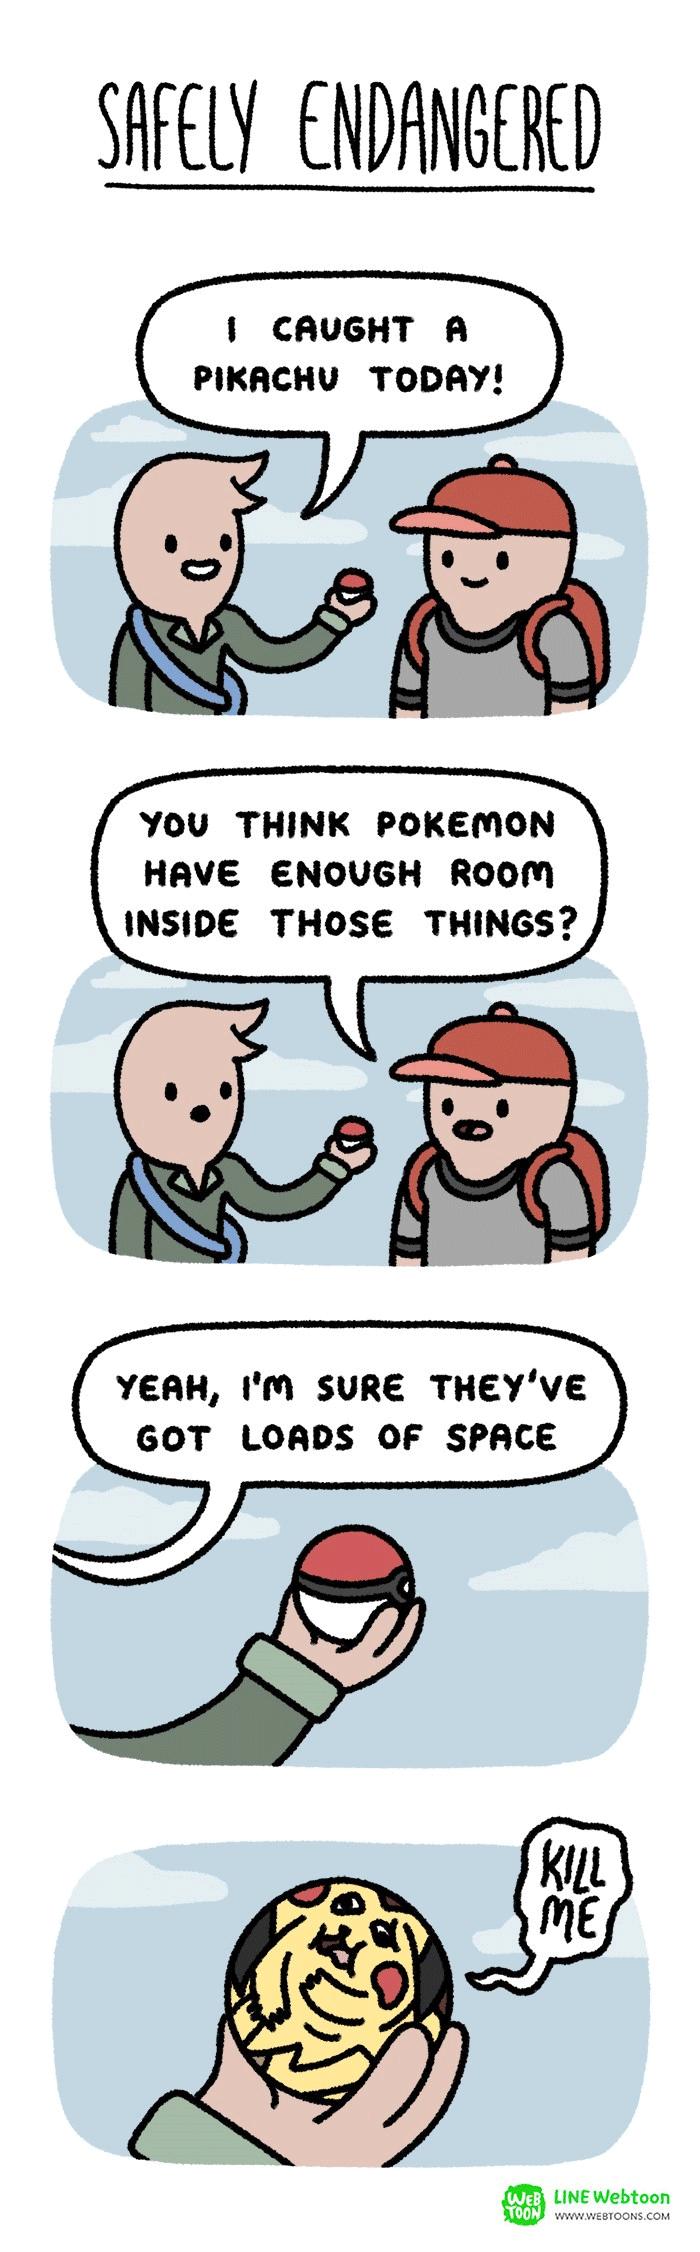 Gotta Contain 'em All